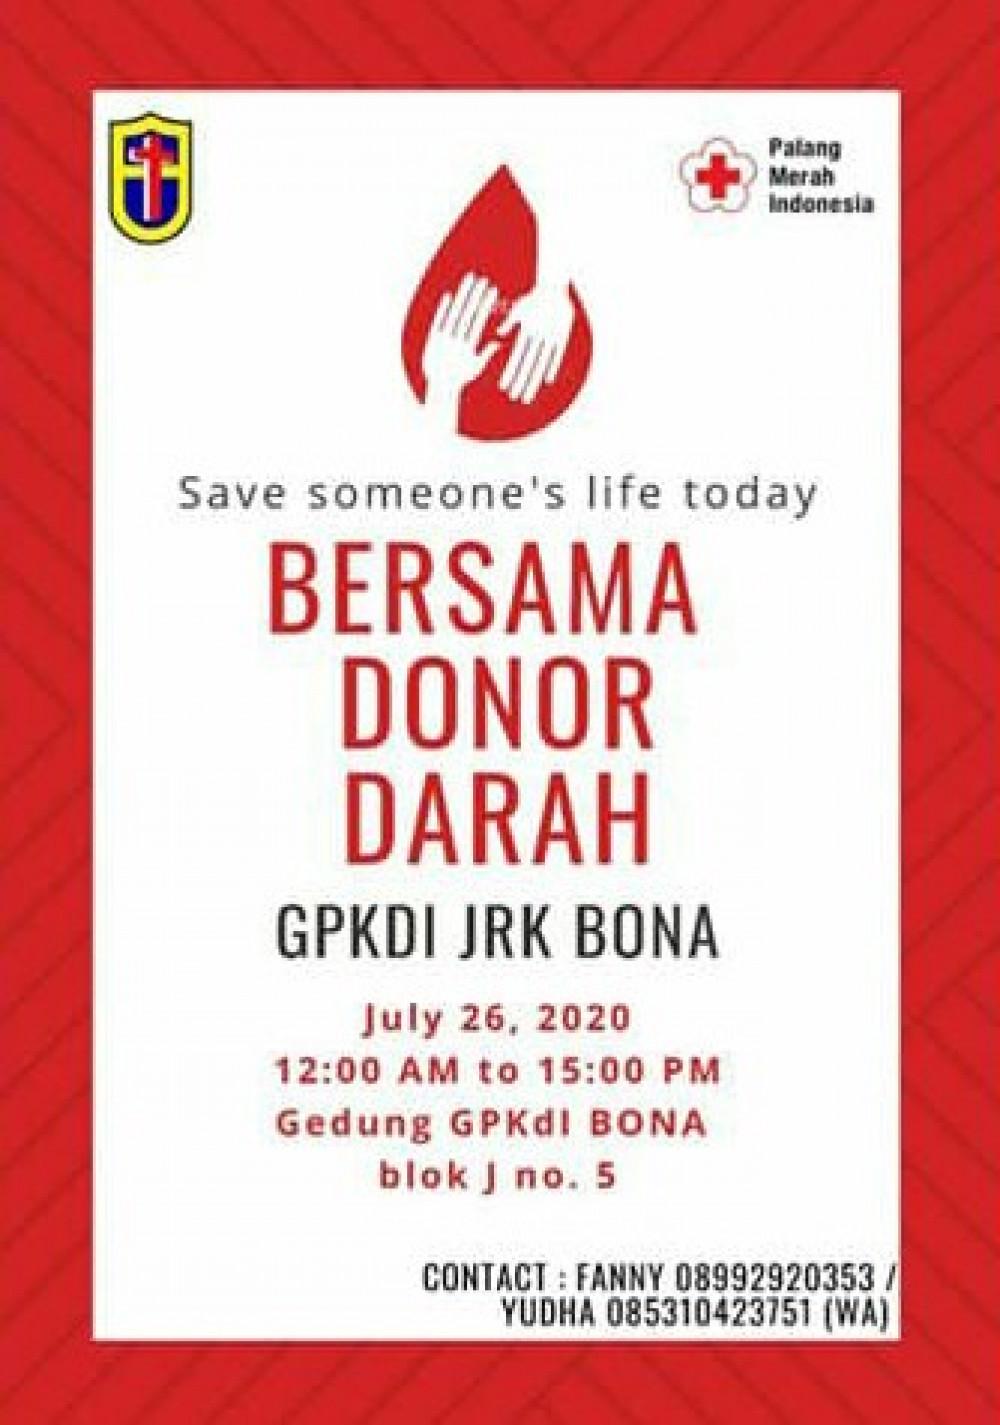 Bersama Donor Darah Di GPKDI JRK Bona